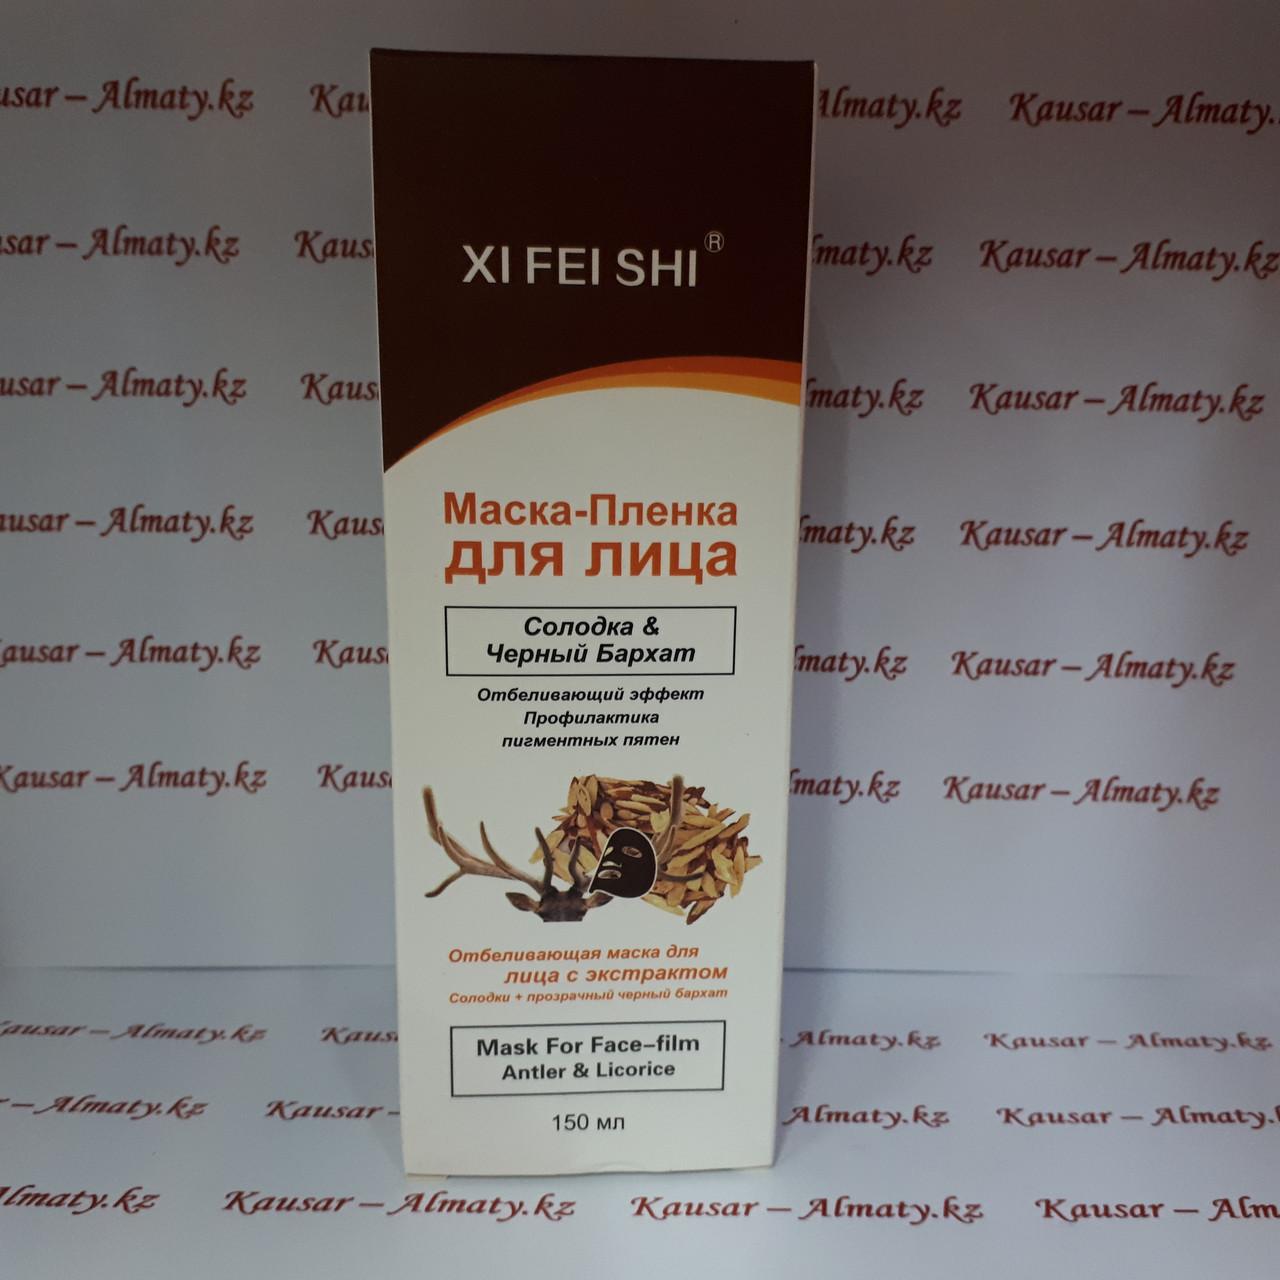 Маска-Пленка для лица Xi Fei Shi, Солодка & Черный бархат